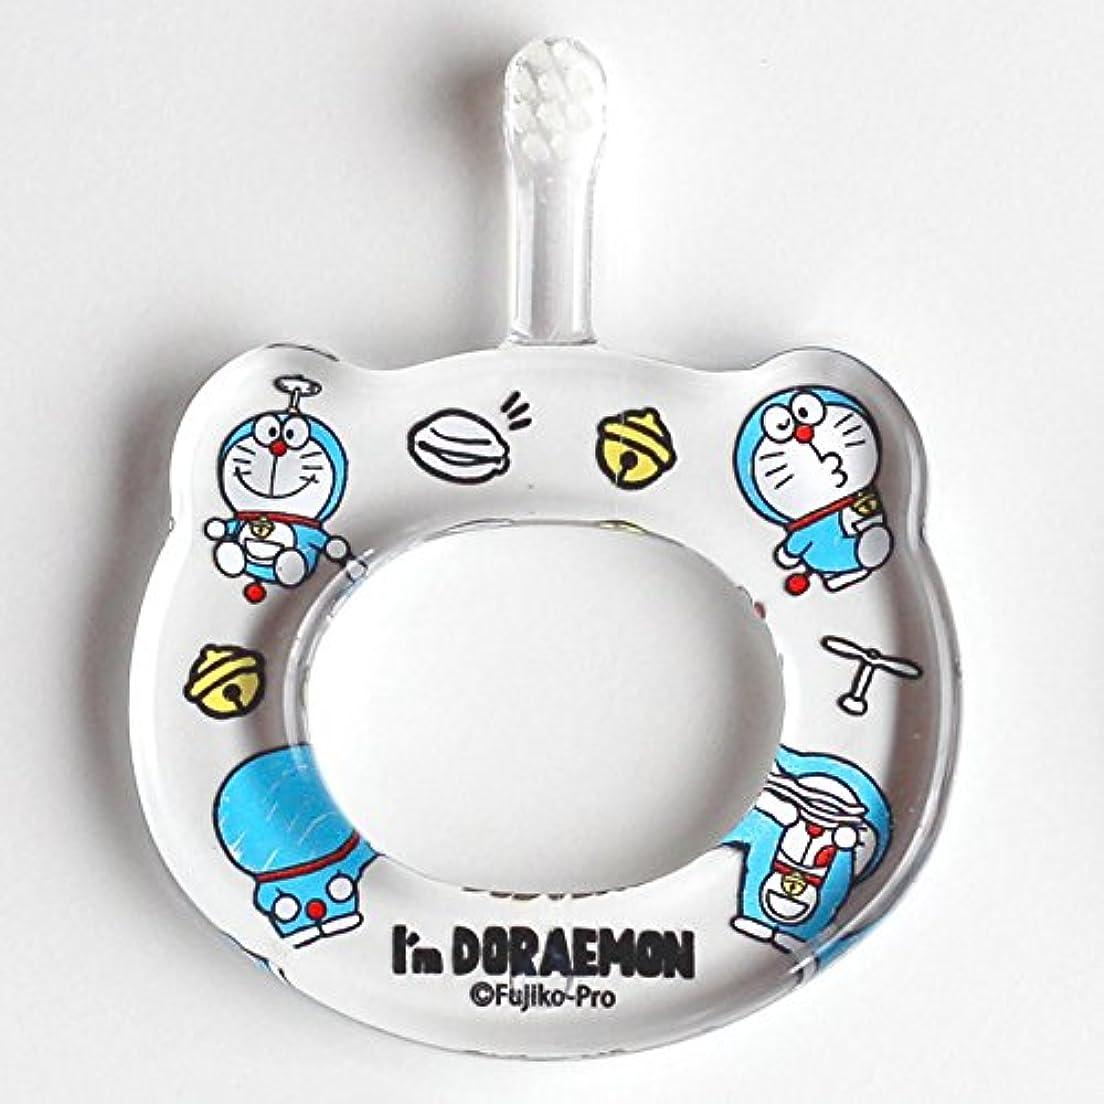 使い込むコントローラ絵HAMICO ベビー歯ブラシ(キャラクター限定商品) ワンサイズ ドラえもん